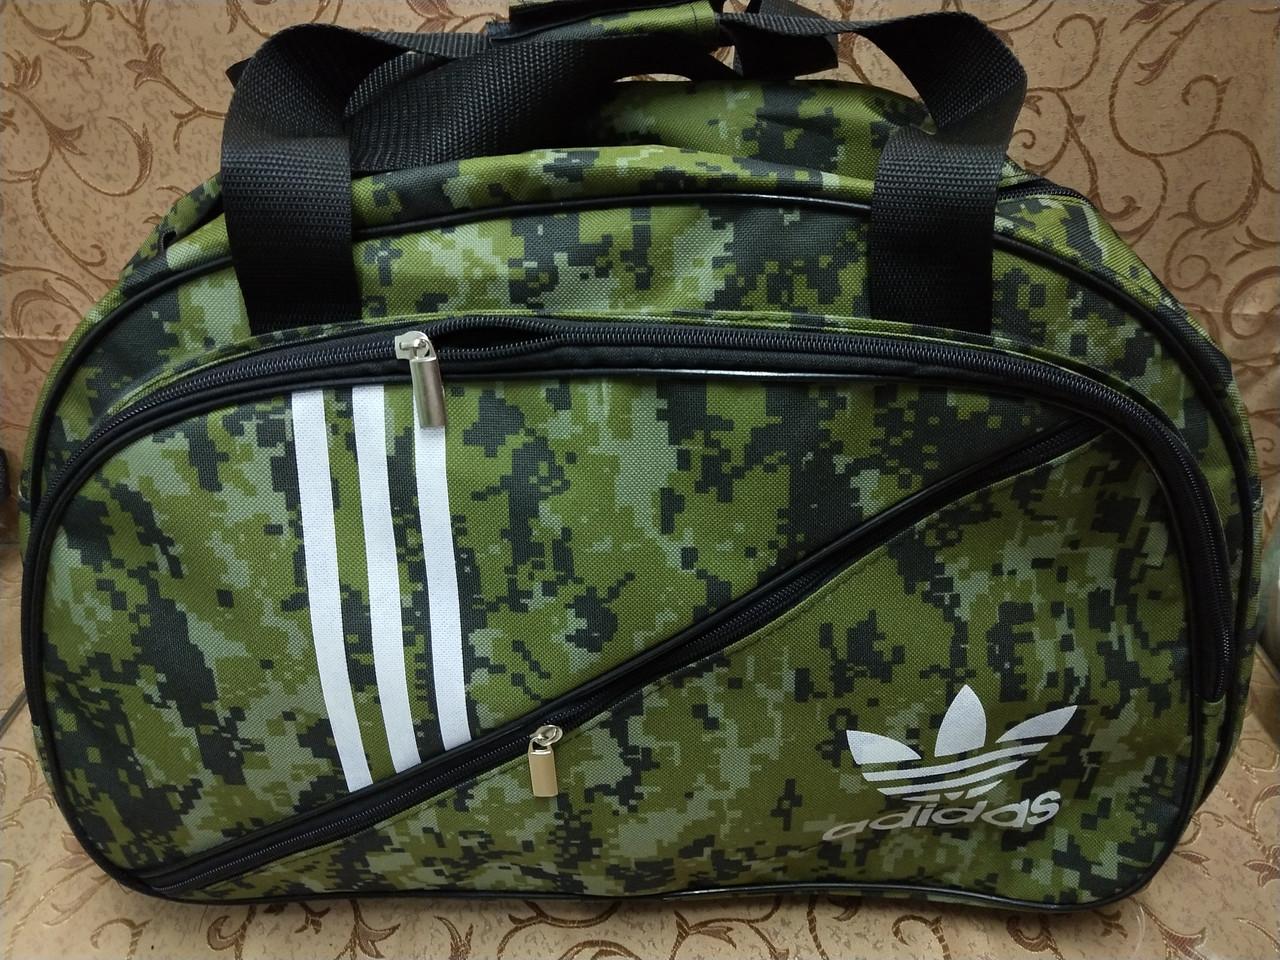 33*49-Спортивна дорожня Камуфляж сумка adidas Дорожня Спортивна сумка тільки оптом